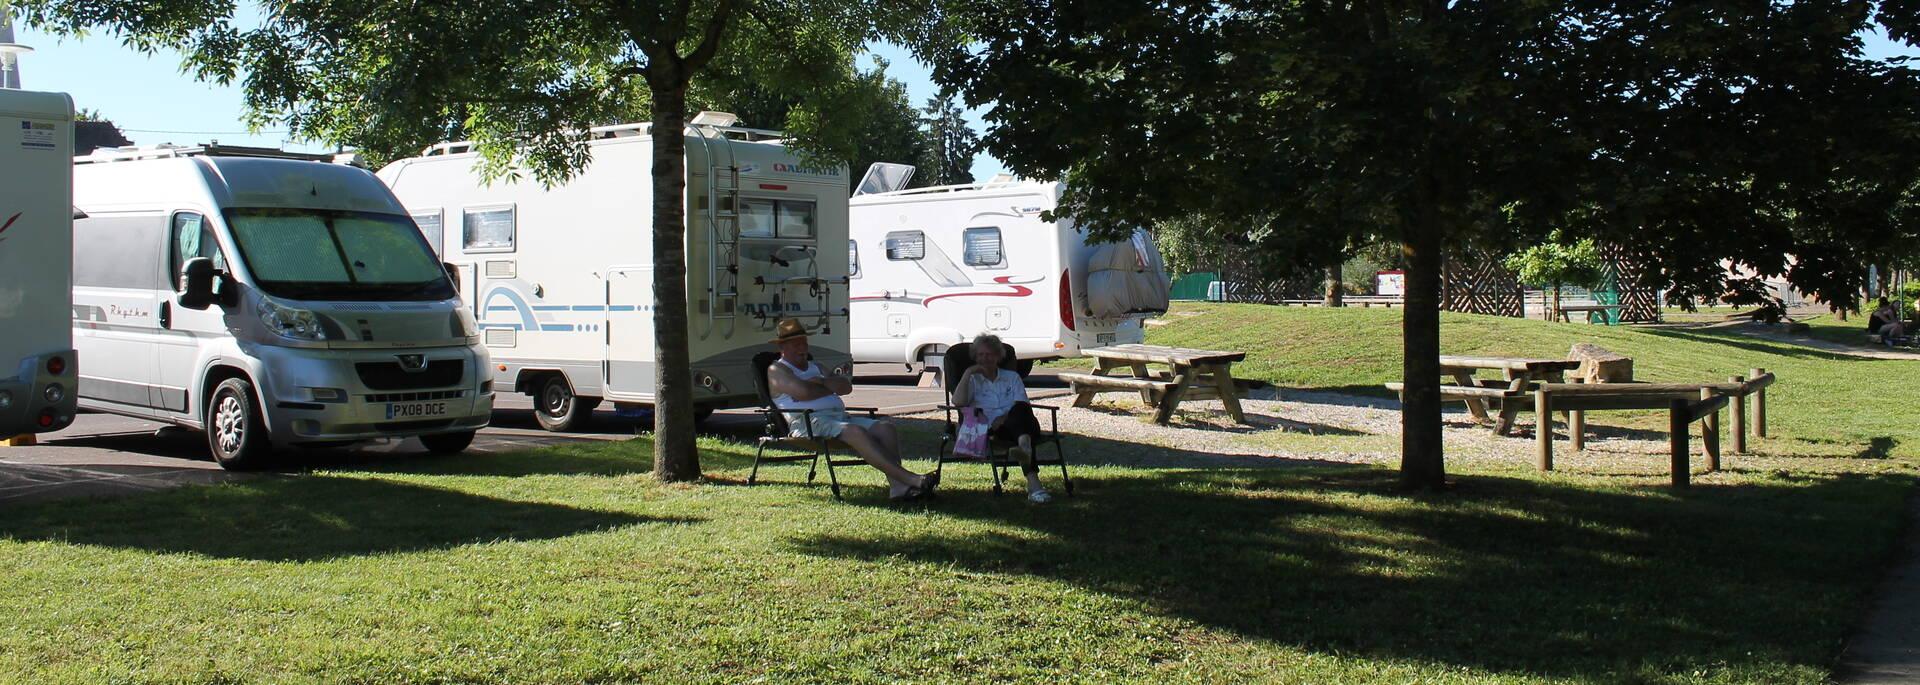 Aire de camping car Givry Voie verte